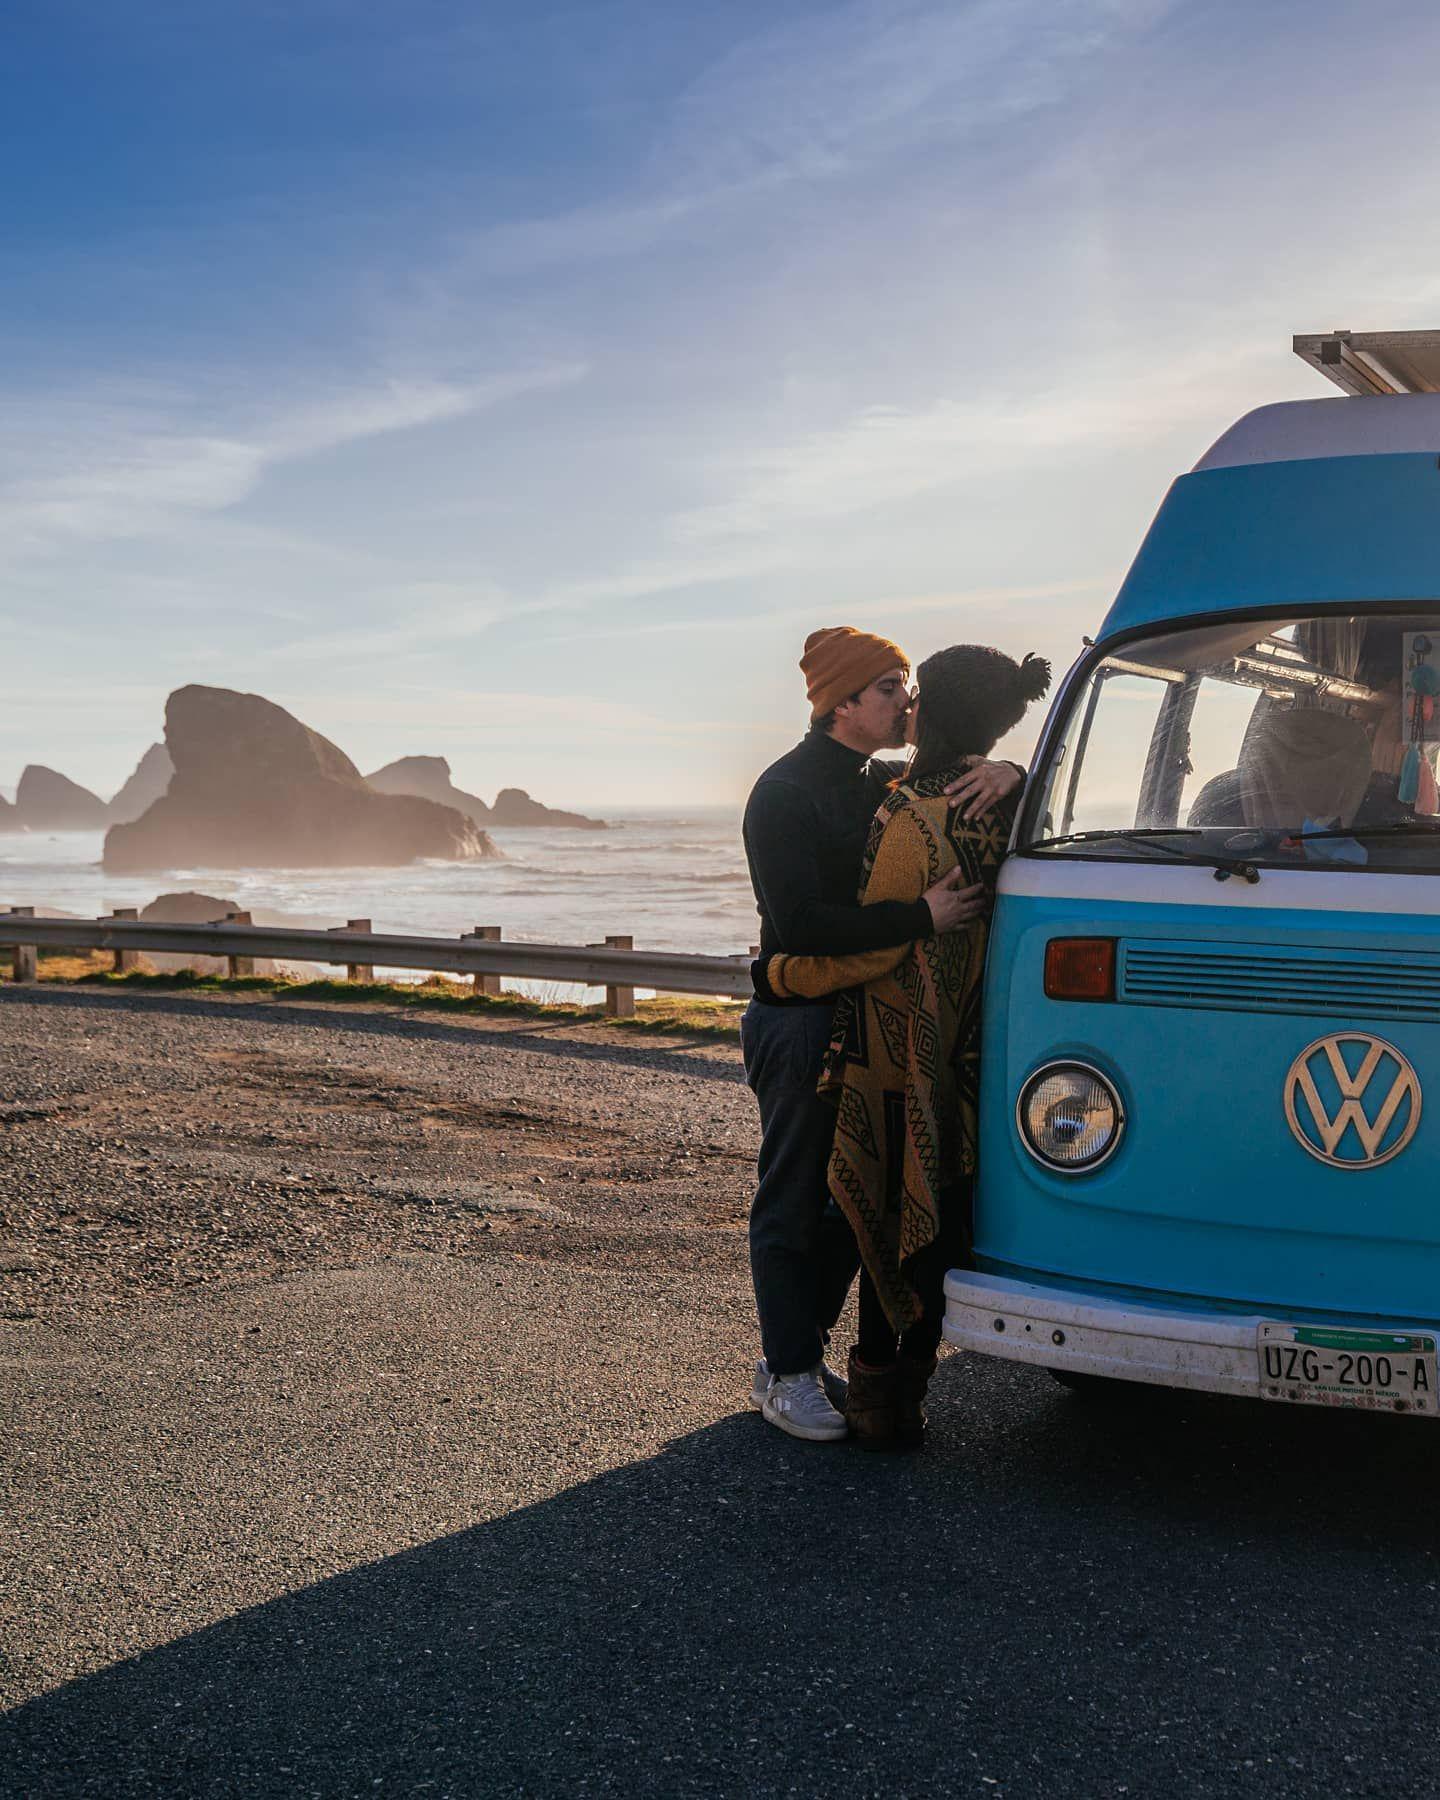 Como va el amor de pareja durante la cuarentena?😍 Para nosotros tener una casa, es un momento de mucho mas confort que otros tiempos de nuestra vida. Así que 52 días después de encierro vamos aprovechando el tiempo y pensando mucho en todos los lugares a los que queremos ir cuando las cosas mejoren. . . . #cuarentena #vanlife #vanlifeexplorers #vanlifemagazine #oregon #ruta101 #nomadarte #travelcouple #traveloregon #travel_captures #volkswagen